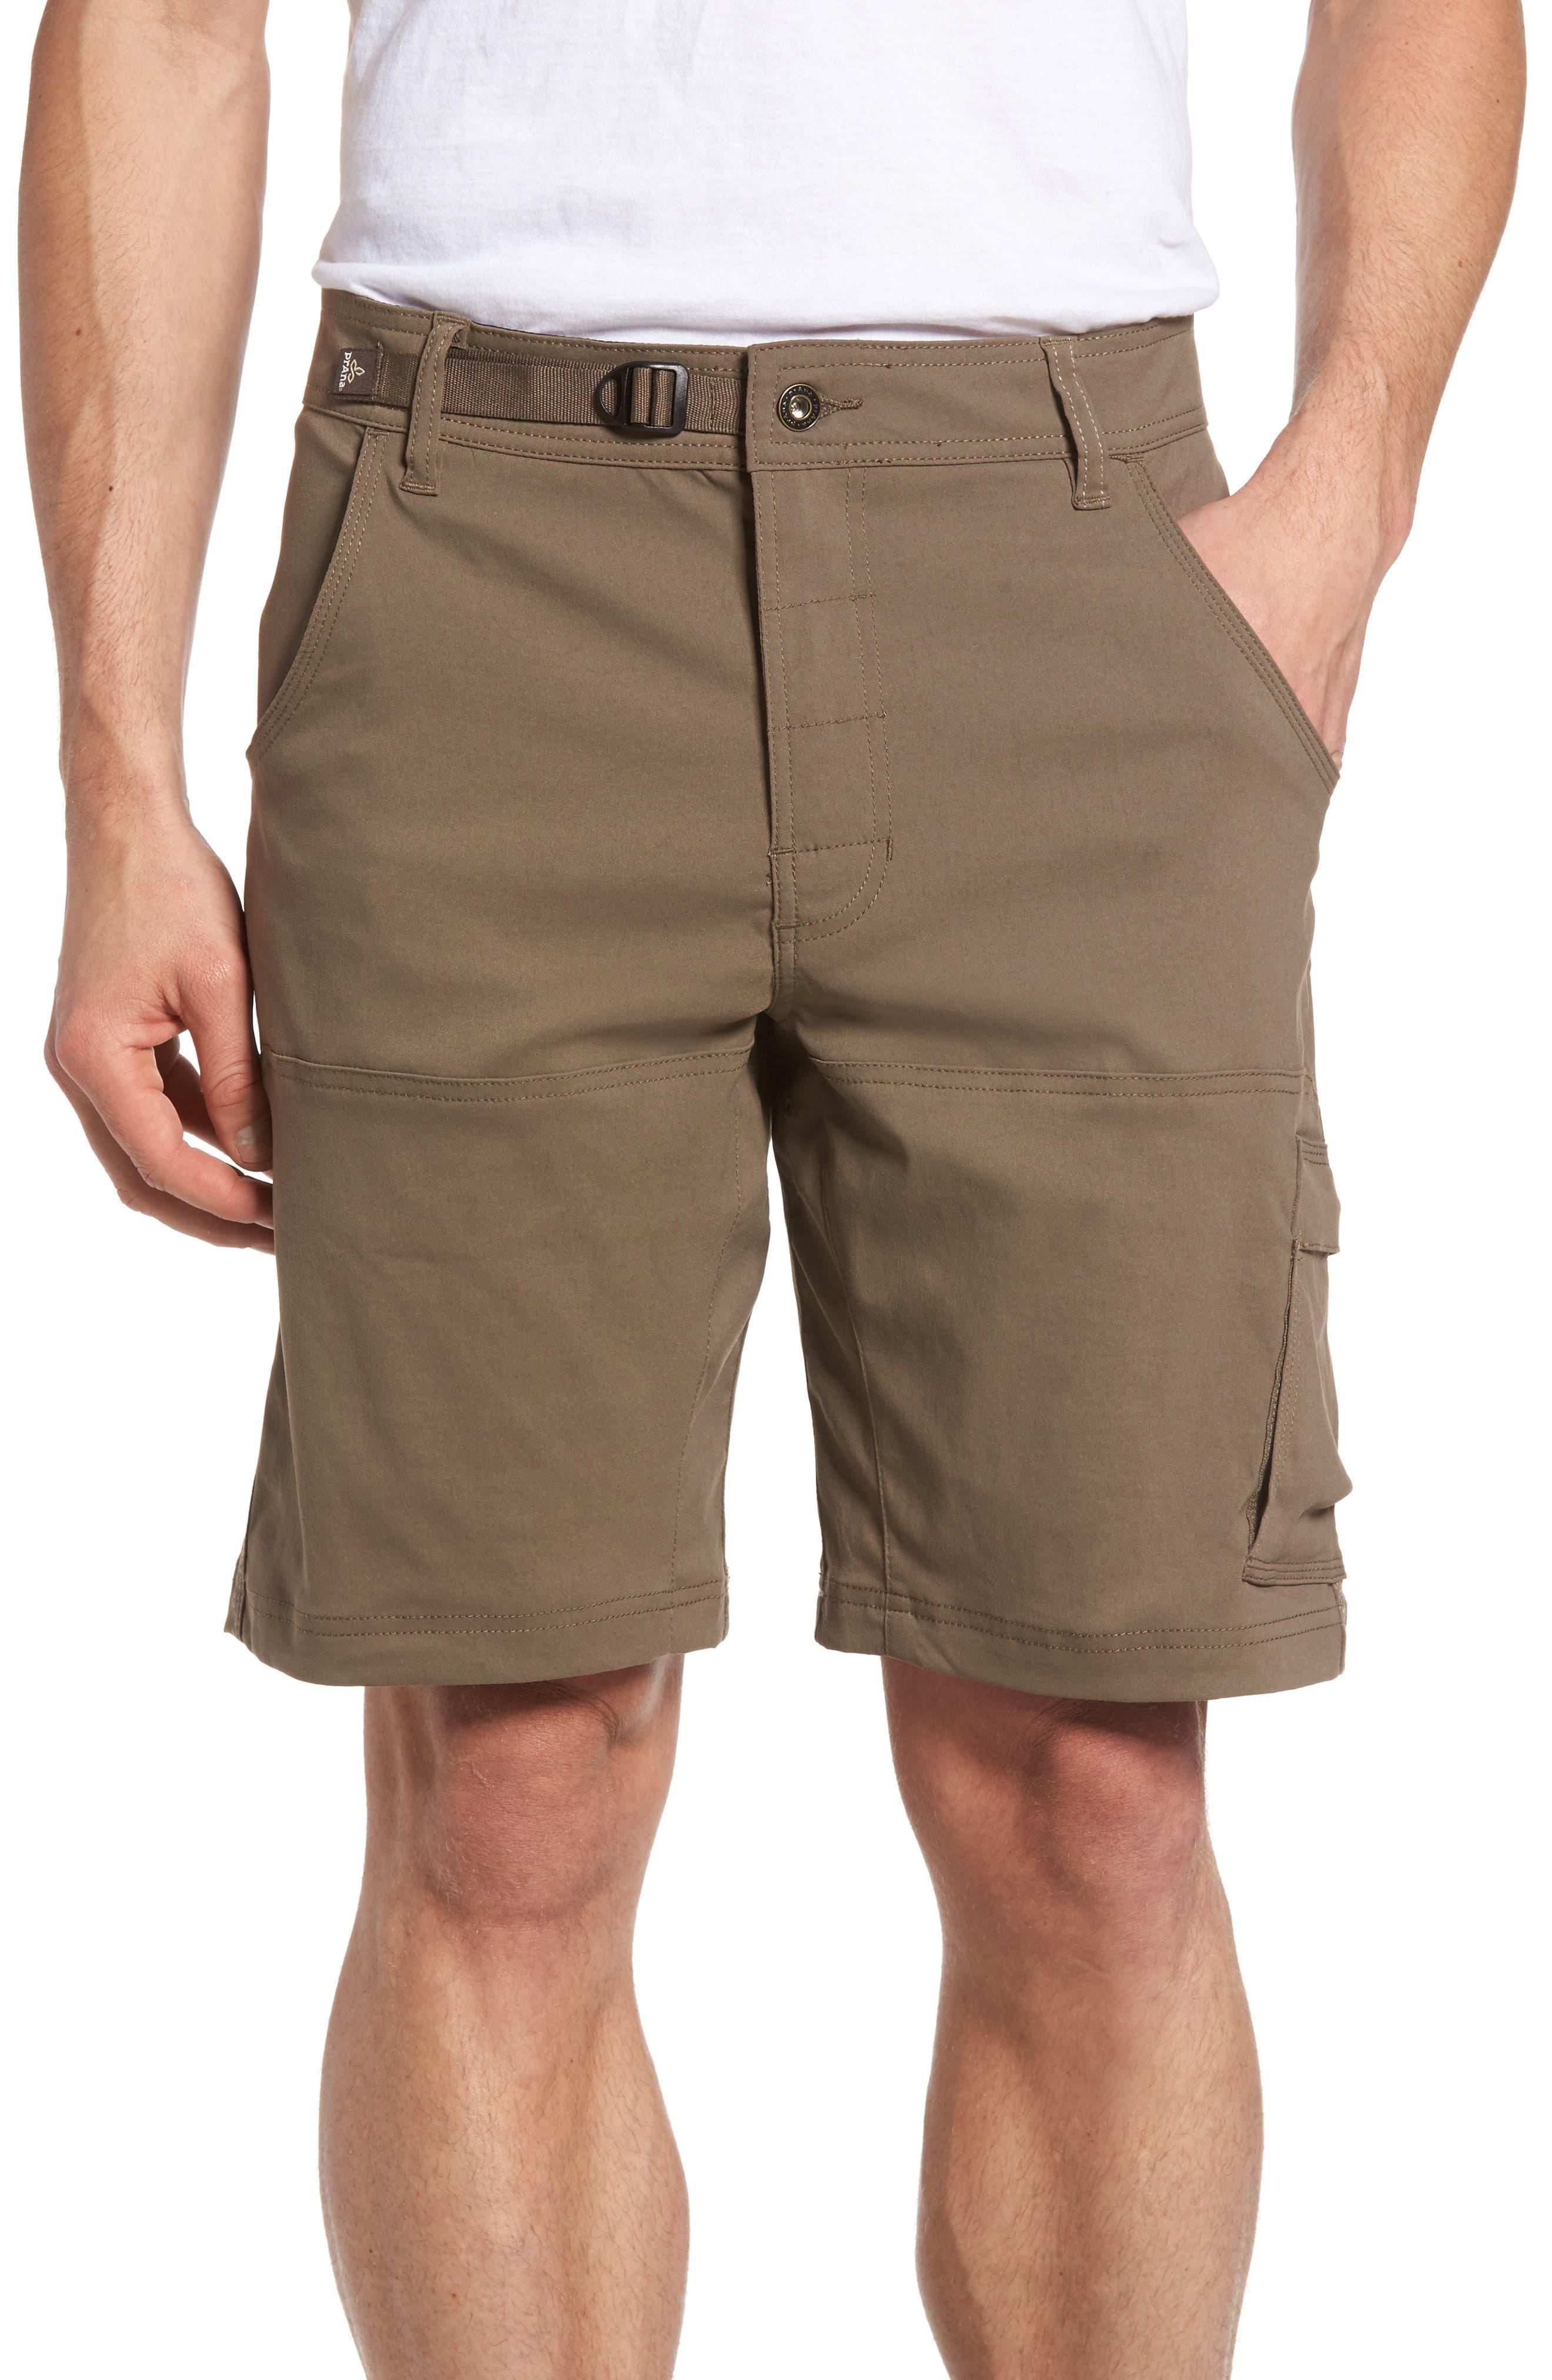 PRANA Zion Stretch Shorts in Mud